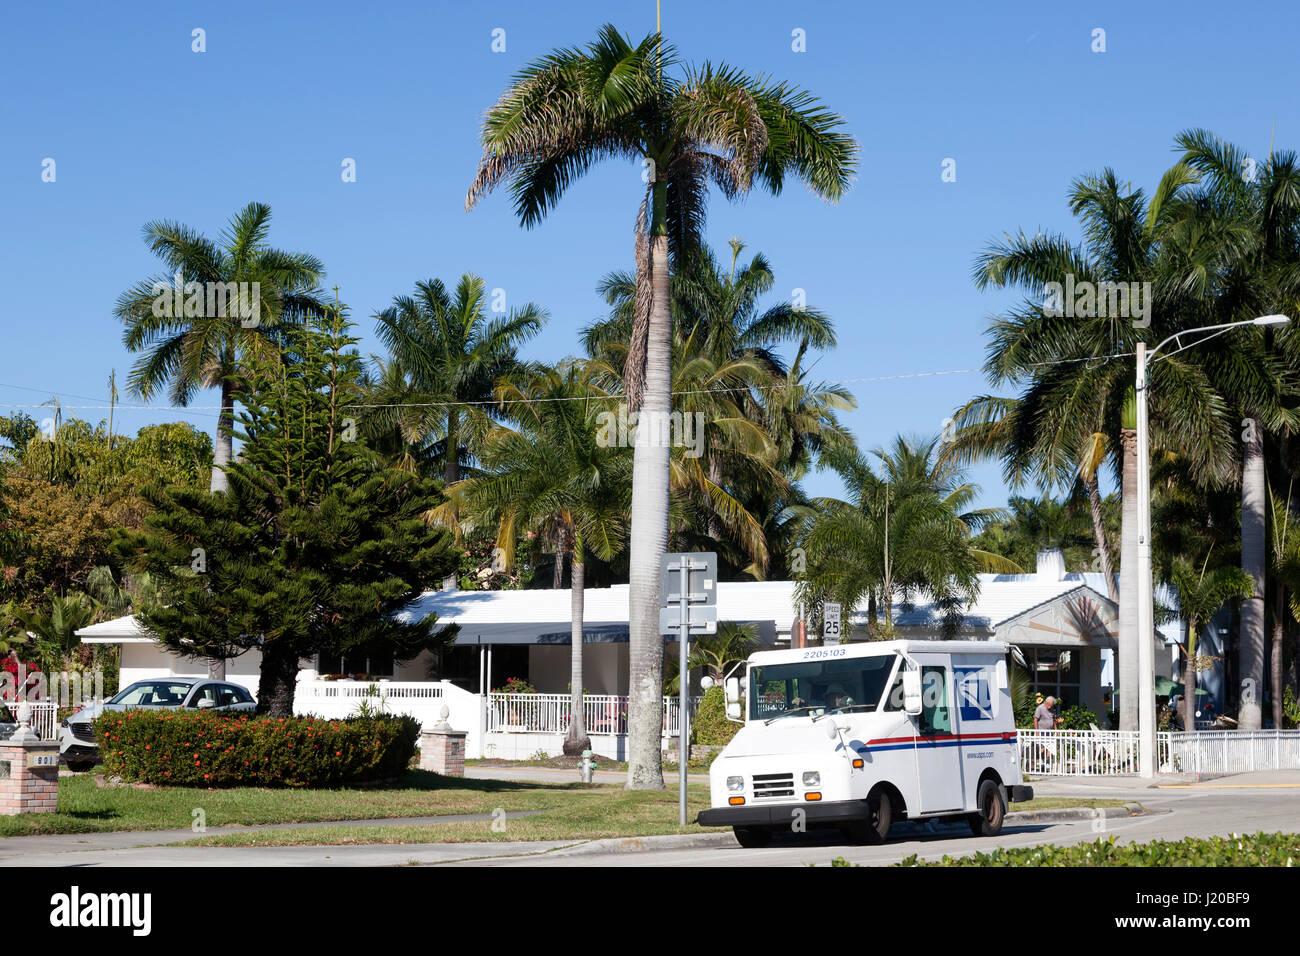 Hollywood, FL, USA - Le 21 mars 2017: United States Postal Service (USPS) camion livraison dans un quartier résidentiel Banque D'Images